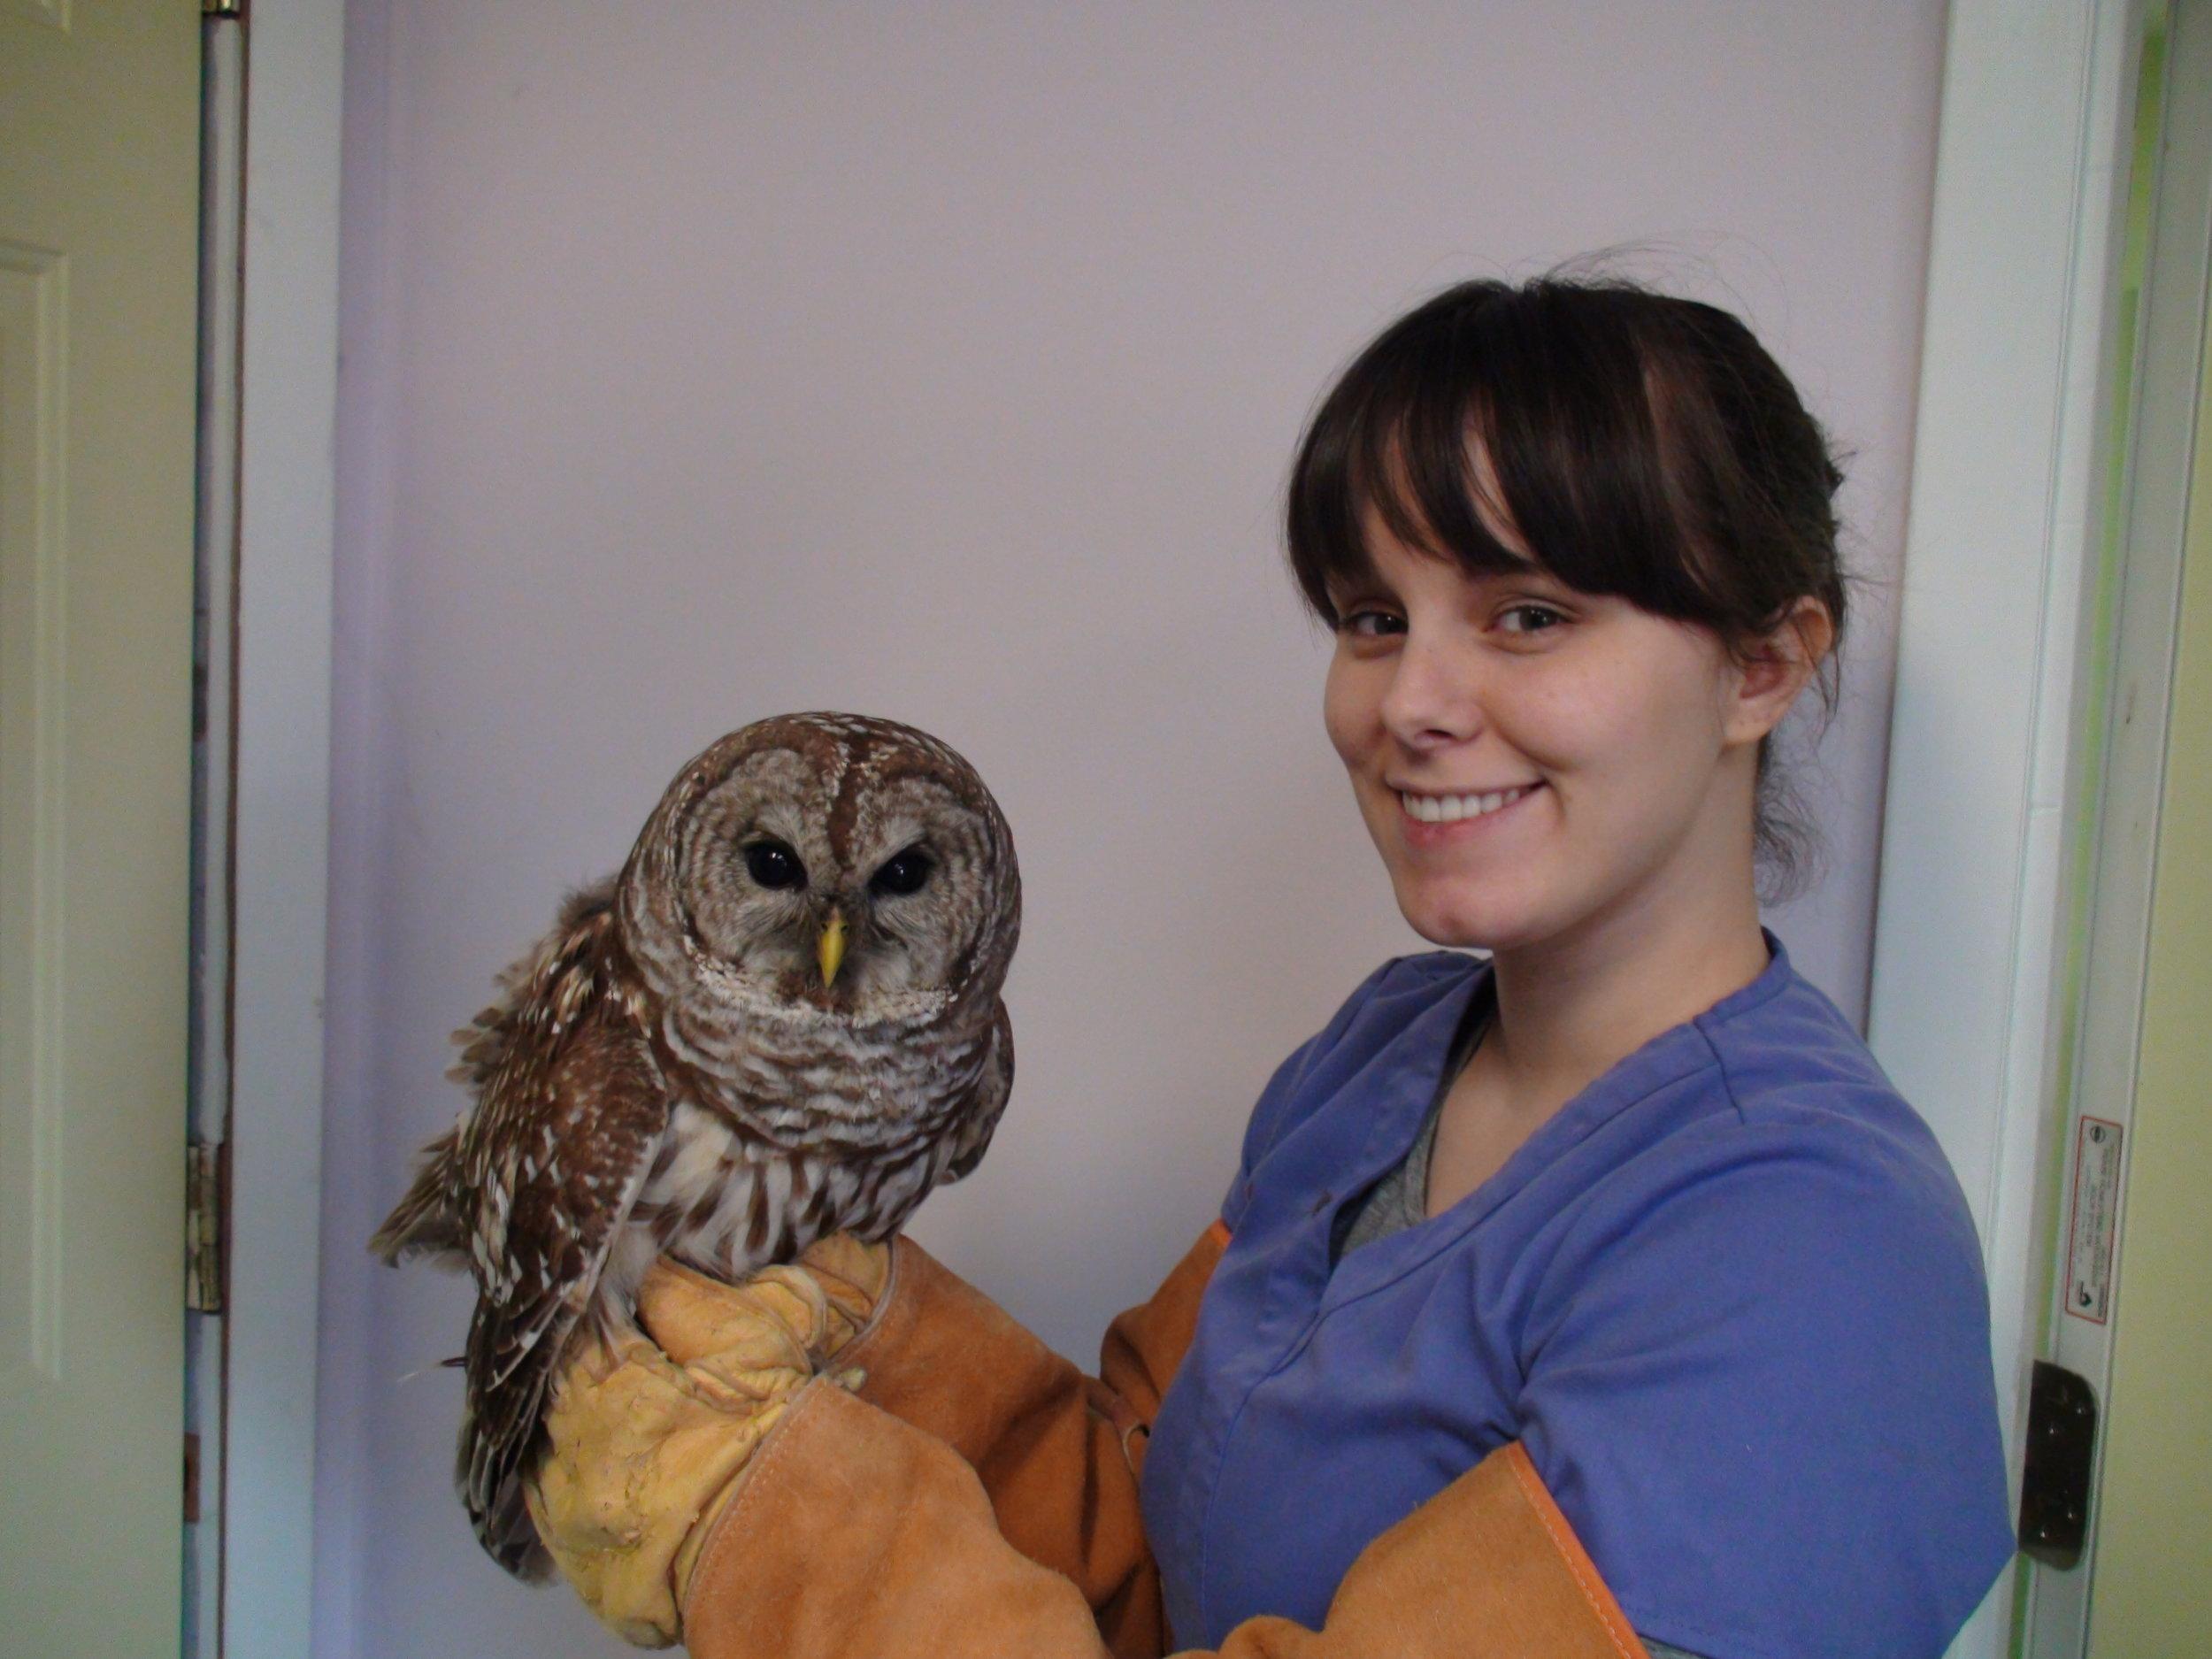 Cori Barred Owl